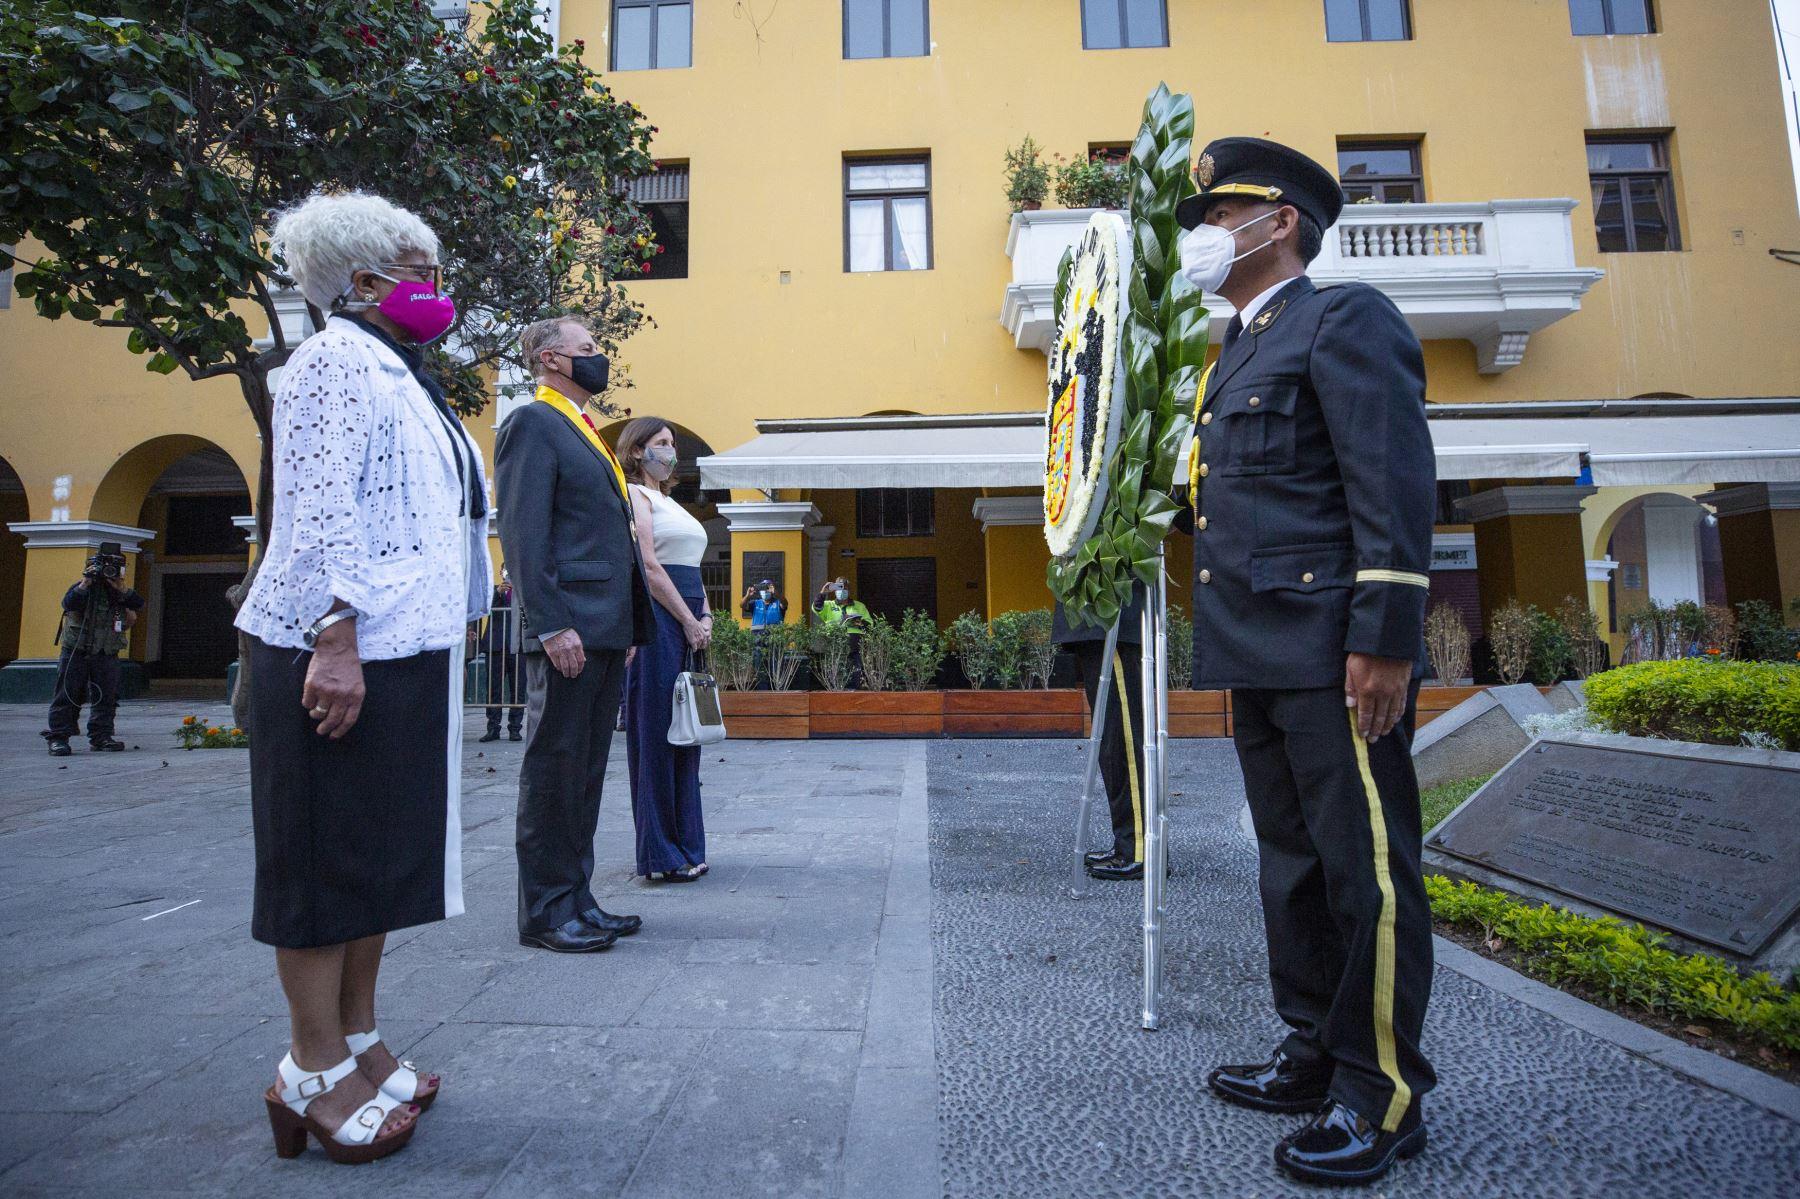 Se inician celebraciones por el 486 aniversario de Lima, Alcalde Jorge Muñoz encabezó ceremonia que incluyó homenaje al último cacique inca Taulichusco. Foto: ANDINA/Difusión